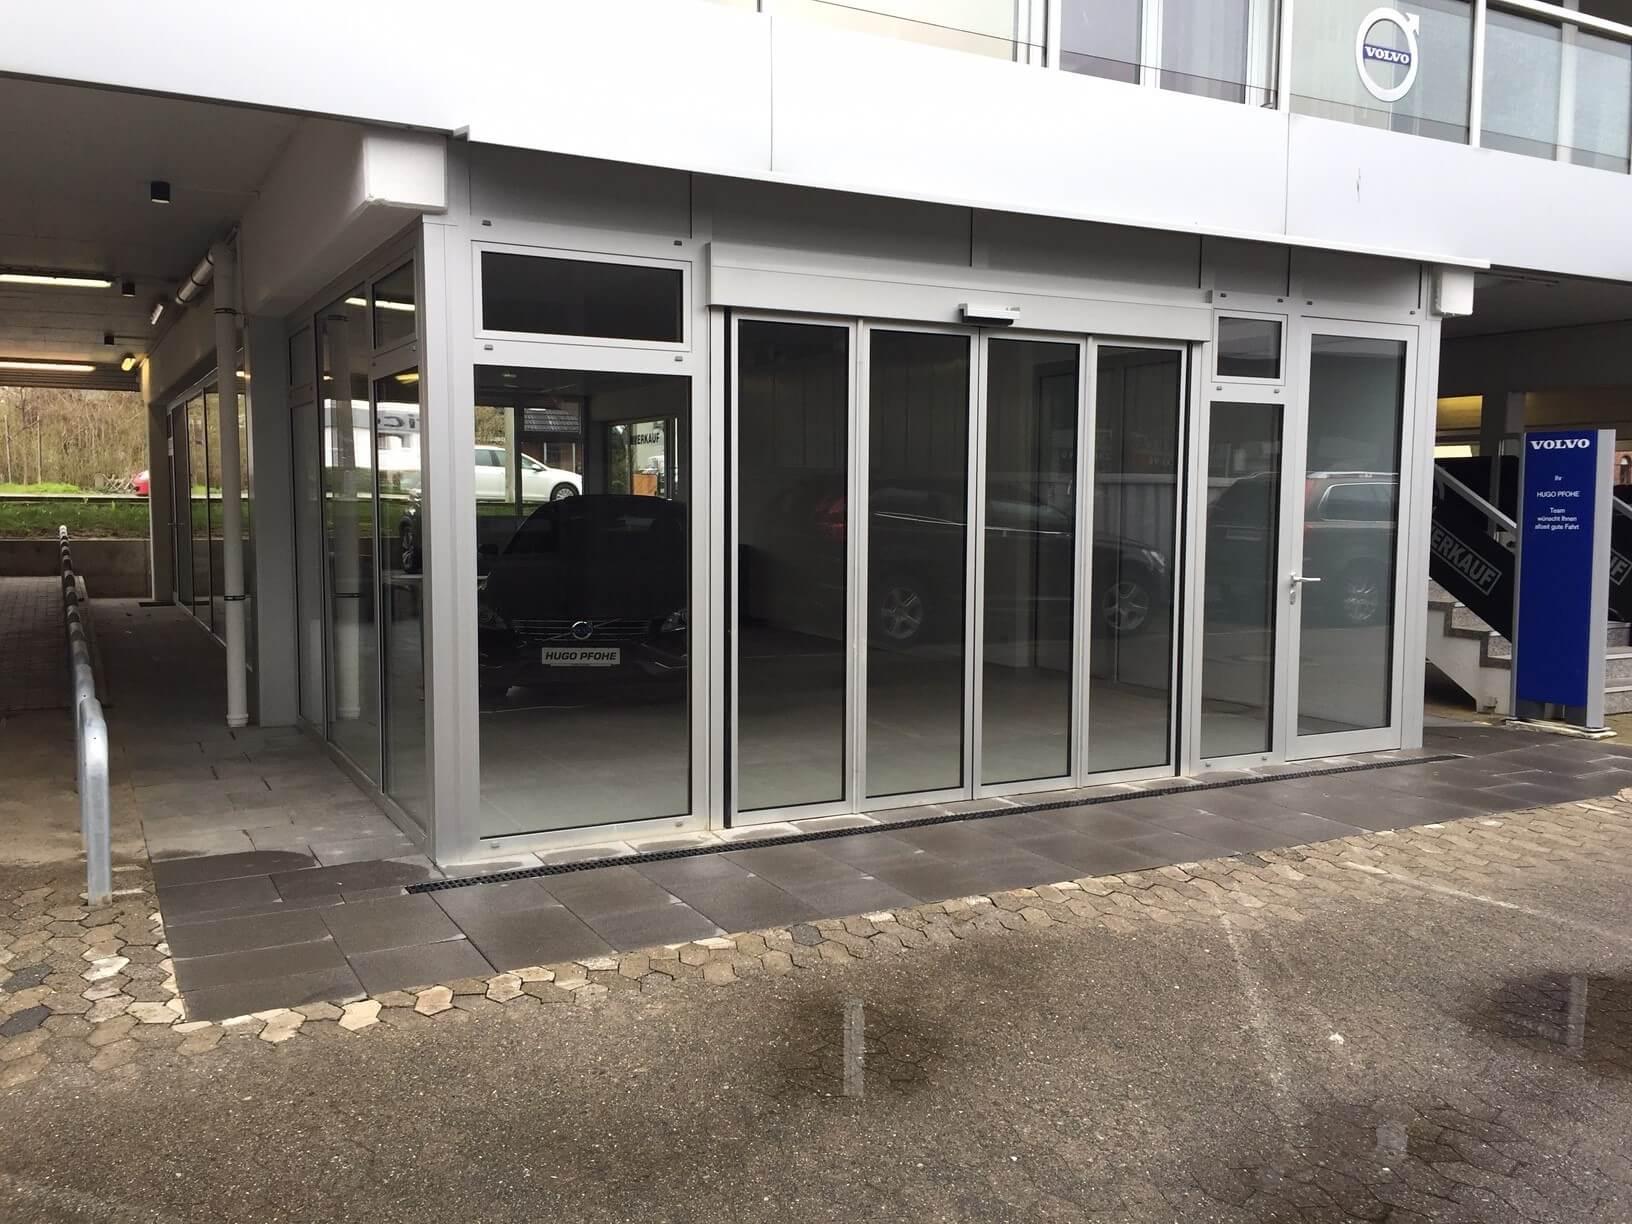 Unsere Auslieferungshalle in Kiel ist fertig